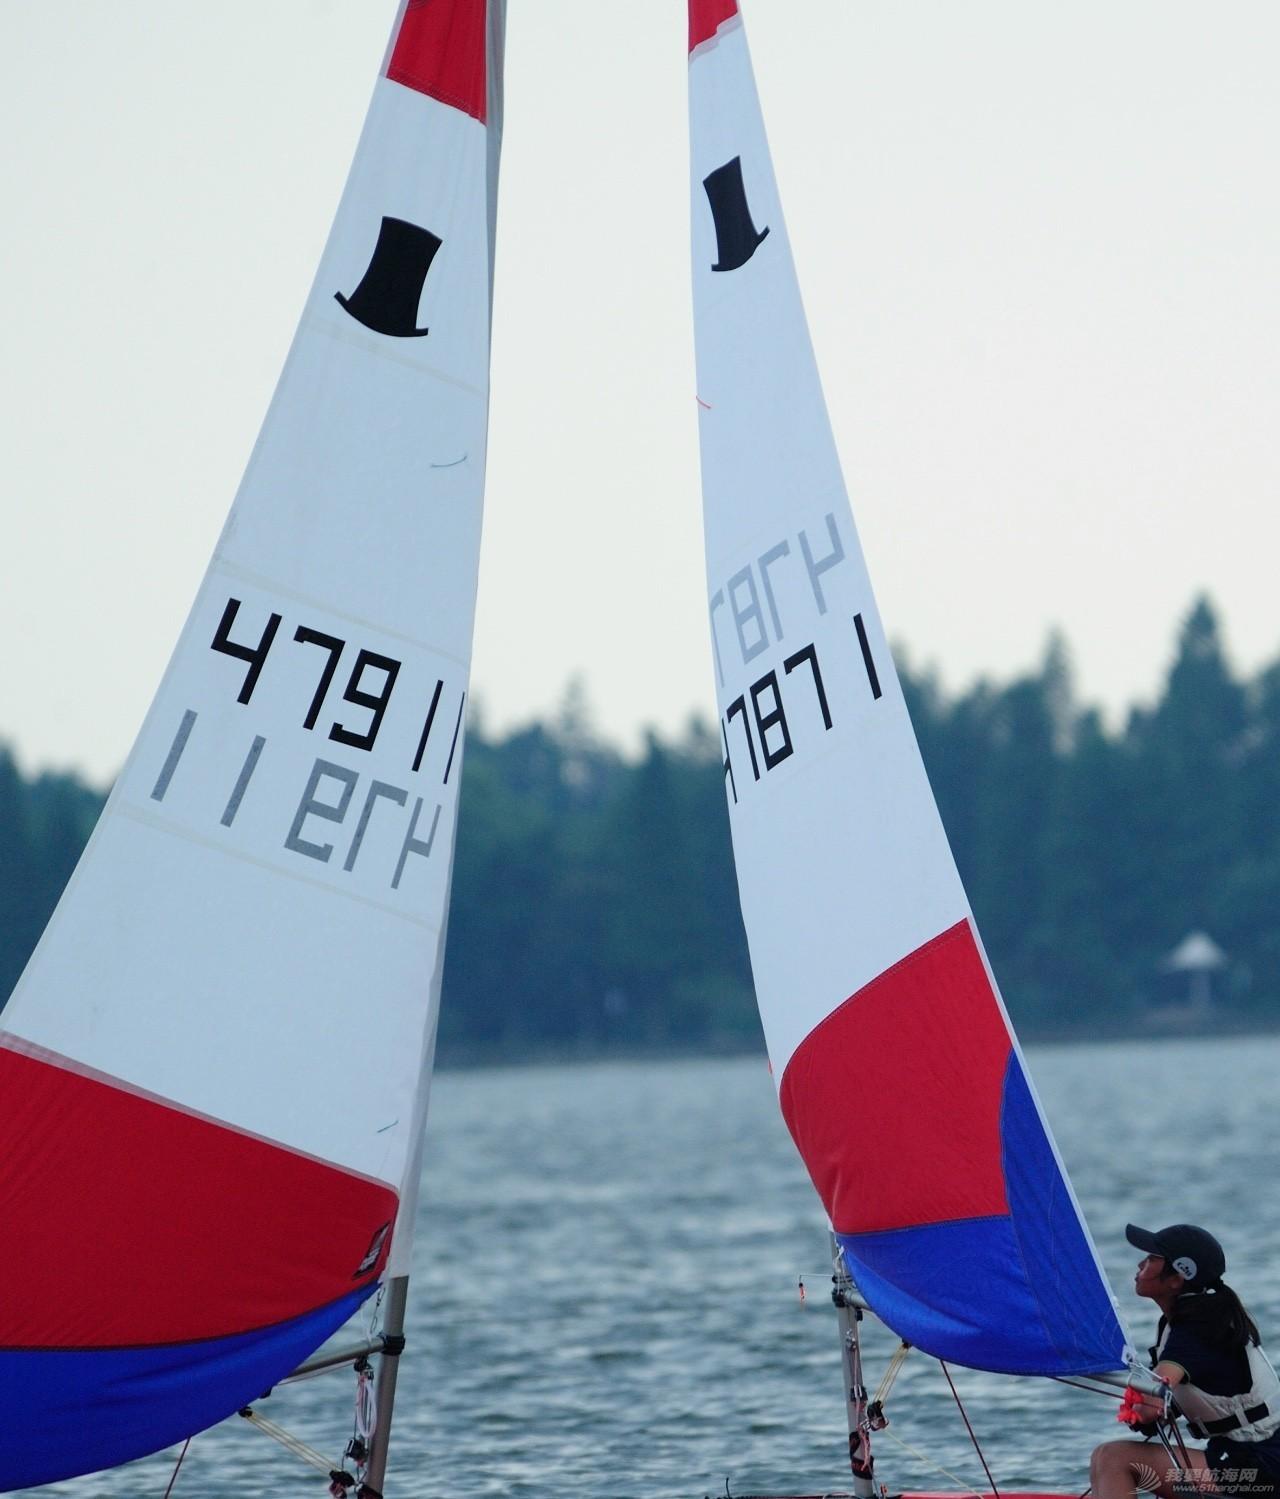 """上海美帆,小帆船比赛,Topper,梅沙教育杯杯 """"梅沙教育杯""""第三届全国帆船青少年俱乐部联赛2017首站将在上海美帆游艇俱乐部举行 da888d3b771503d568a8f5c96d984709.jpg"""